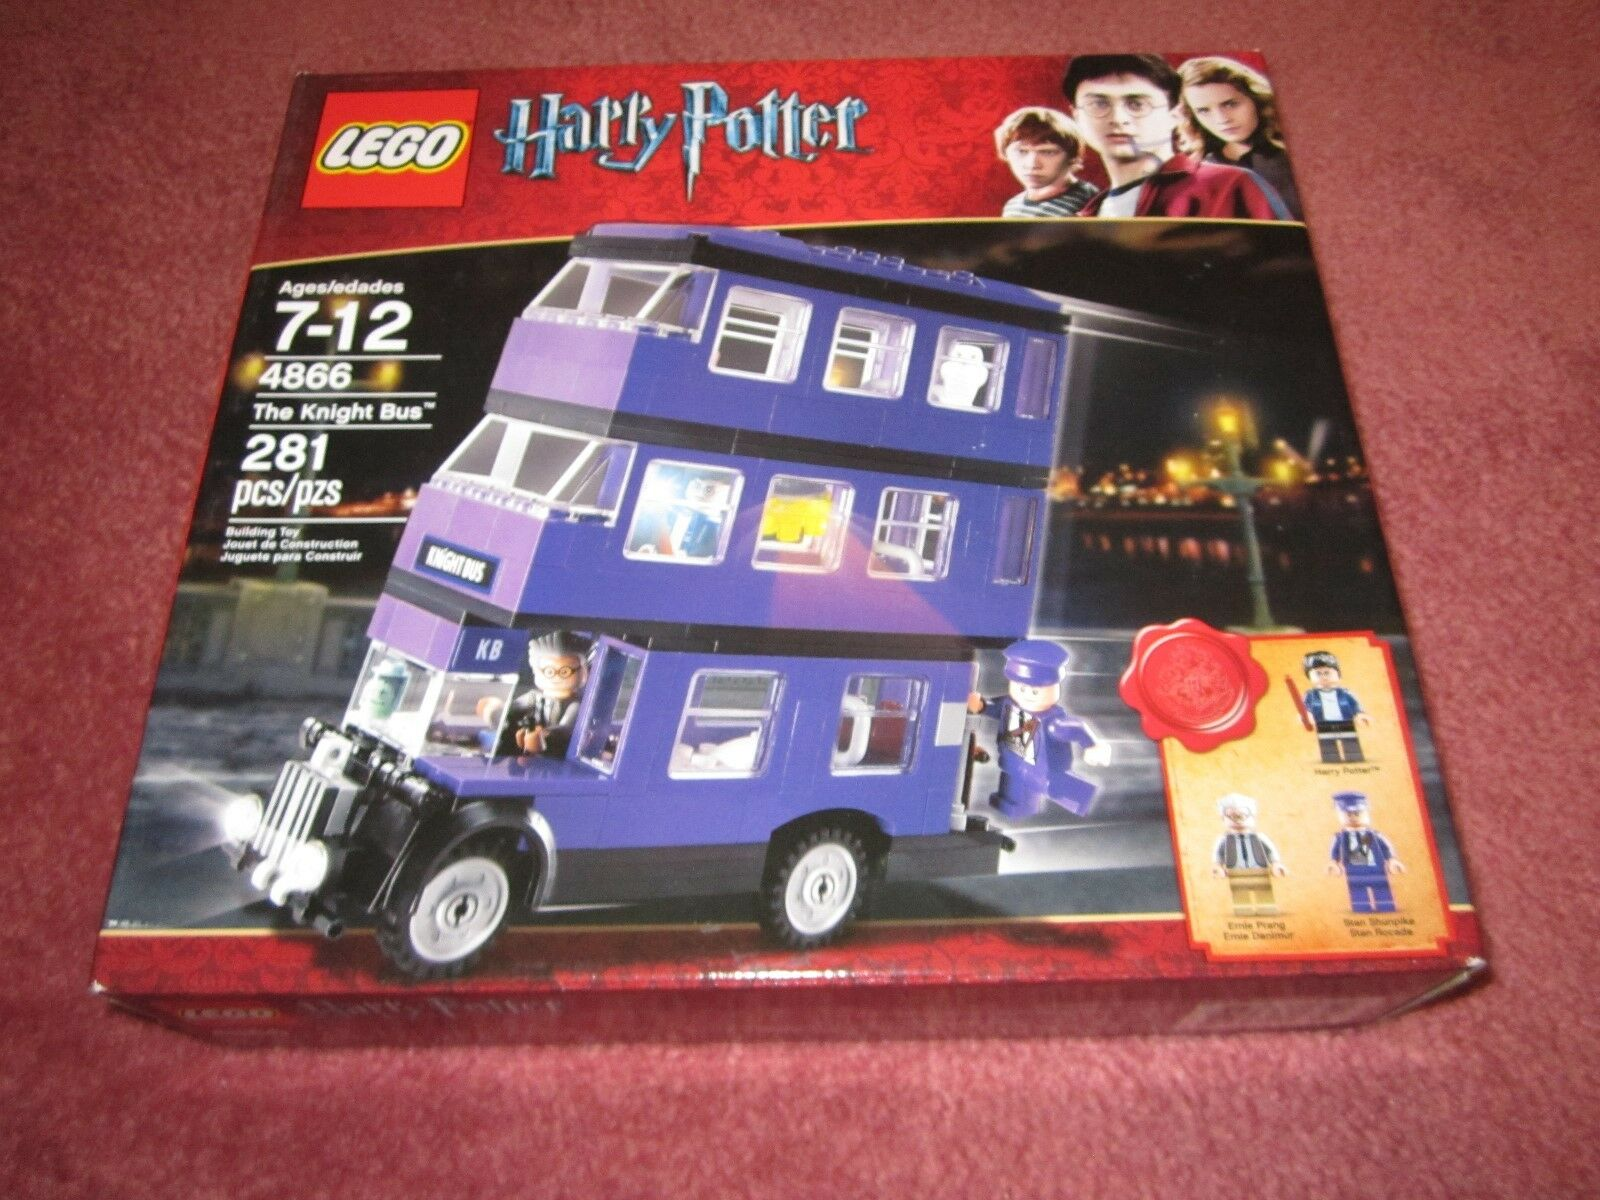 LEGO Harry Potter Knight Bus 4866-NUOVO/boxed/SIGILLATI-VEDI FOTO